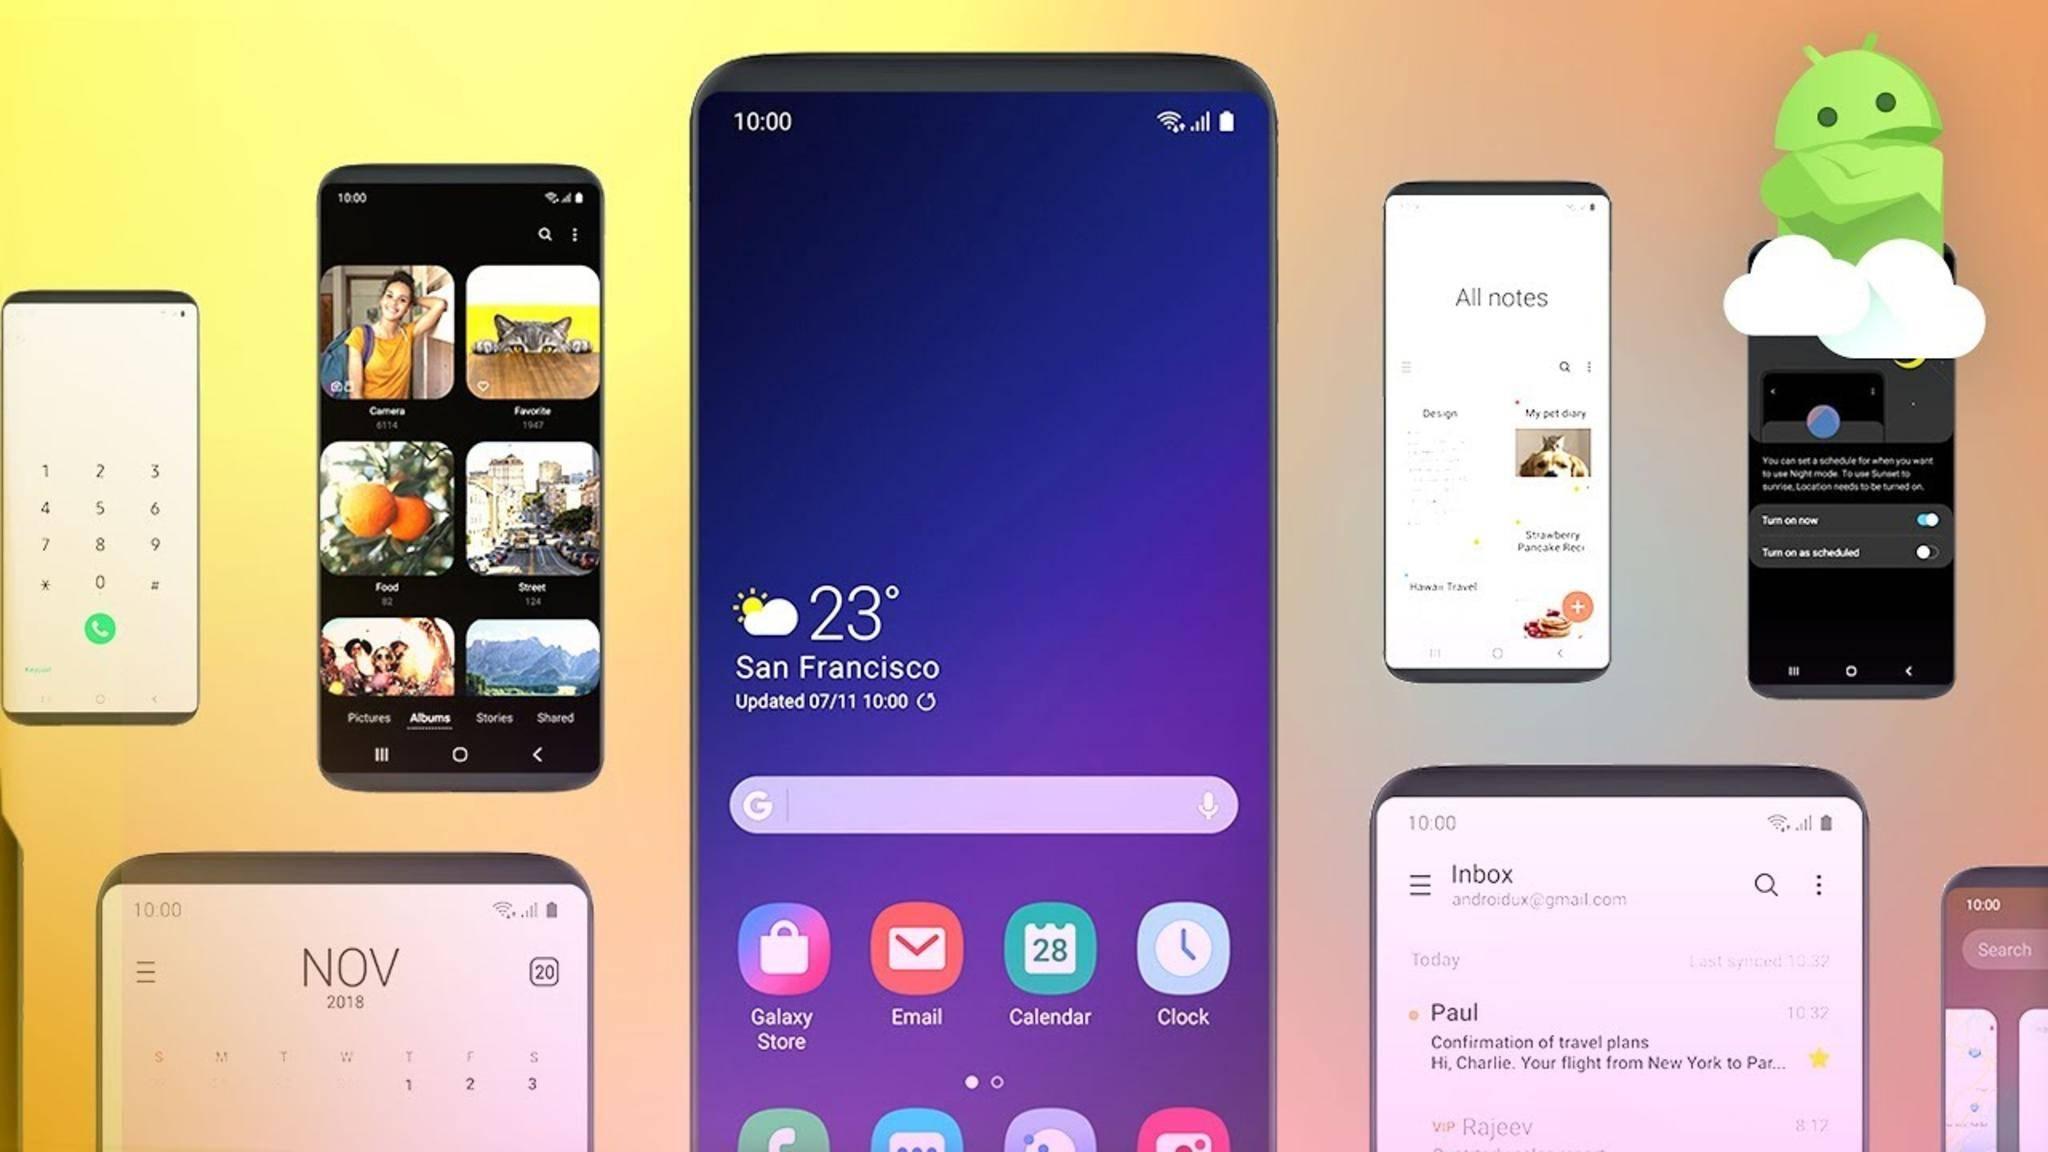 Android 9.0 Pie bringt etwa auch die Oberfläche One UI auf das Galaxy S9.